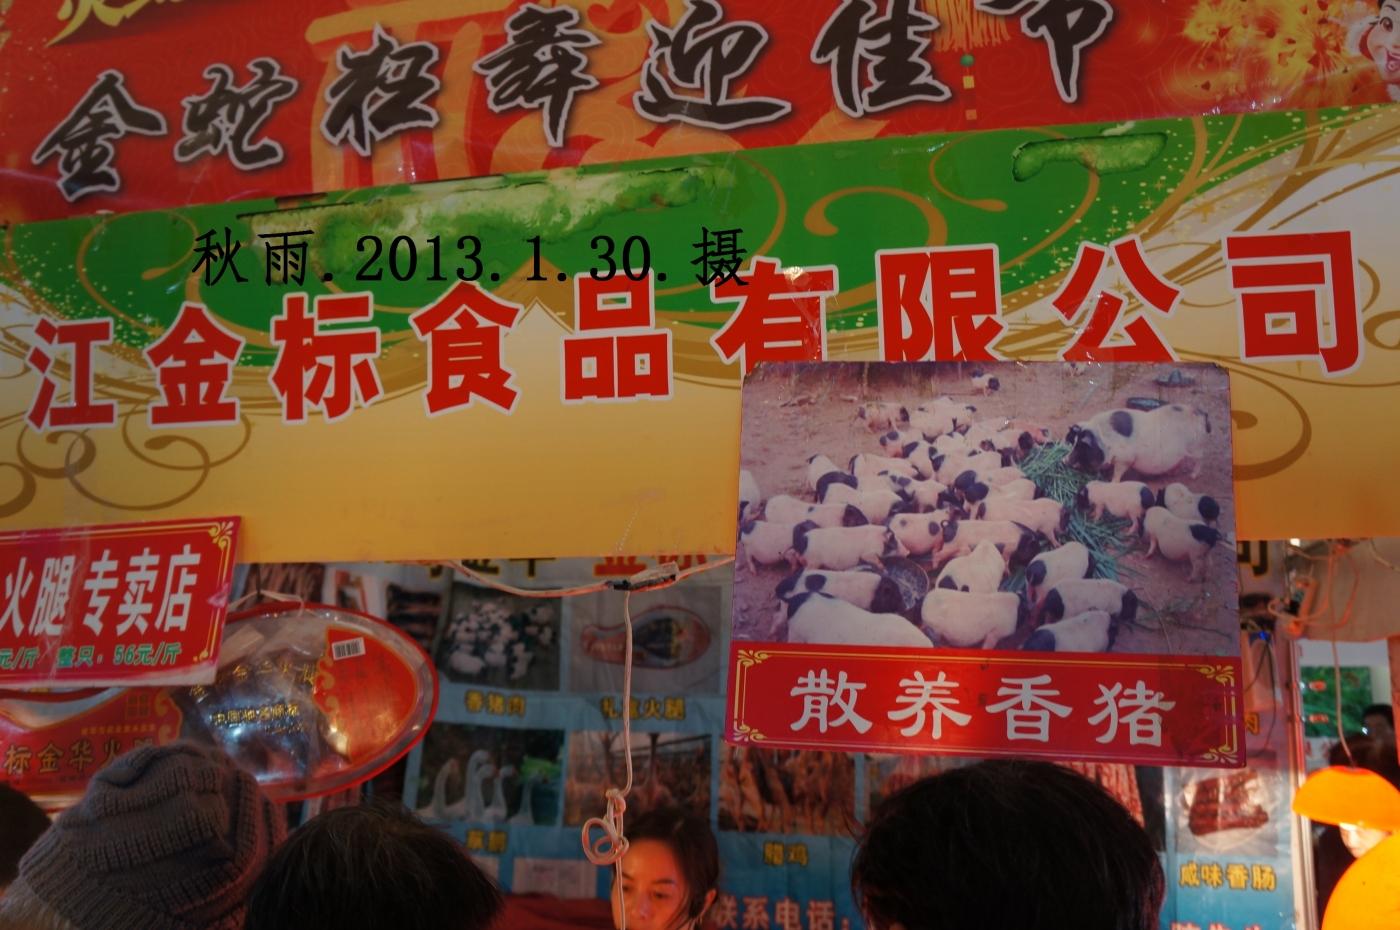 迎新春年货展销会(摄影原创)_图1-11